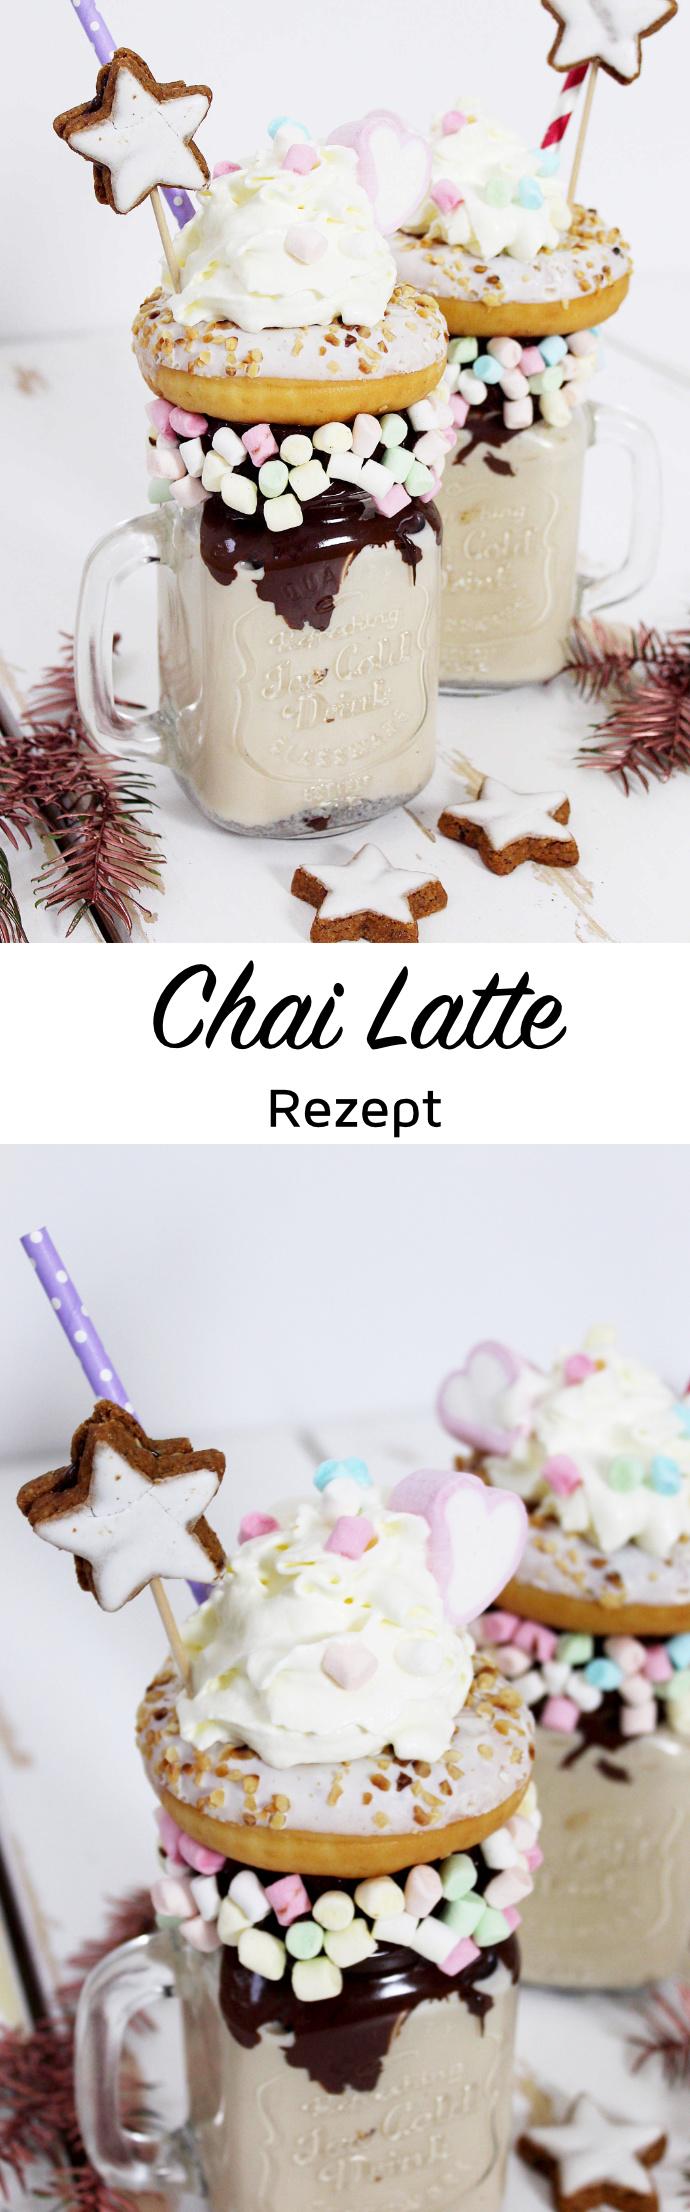 chai-latte-rezepte-weihnachten-winter